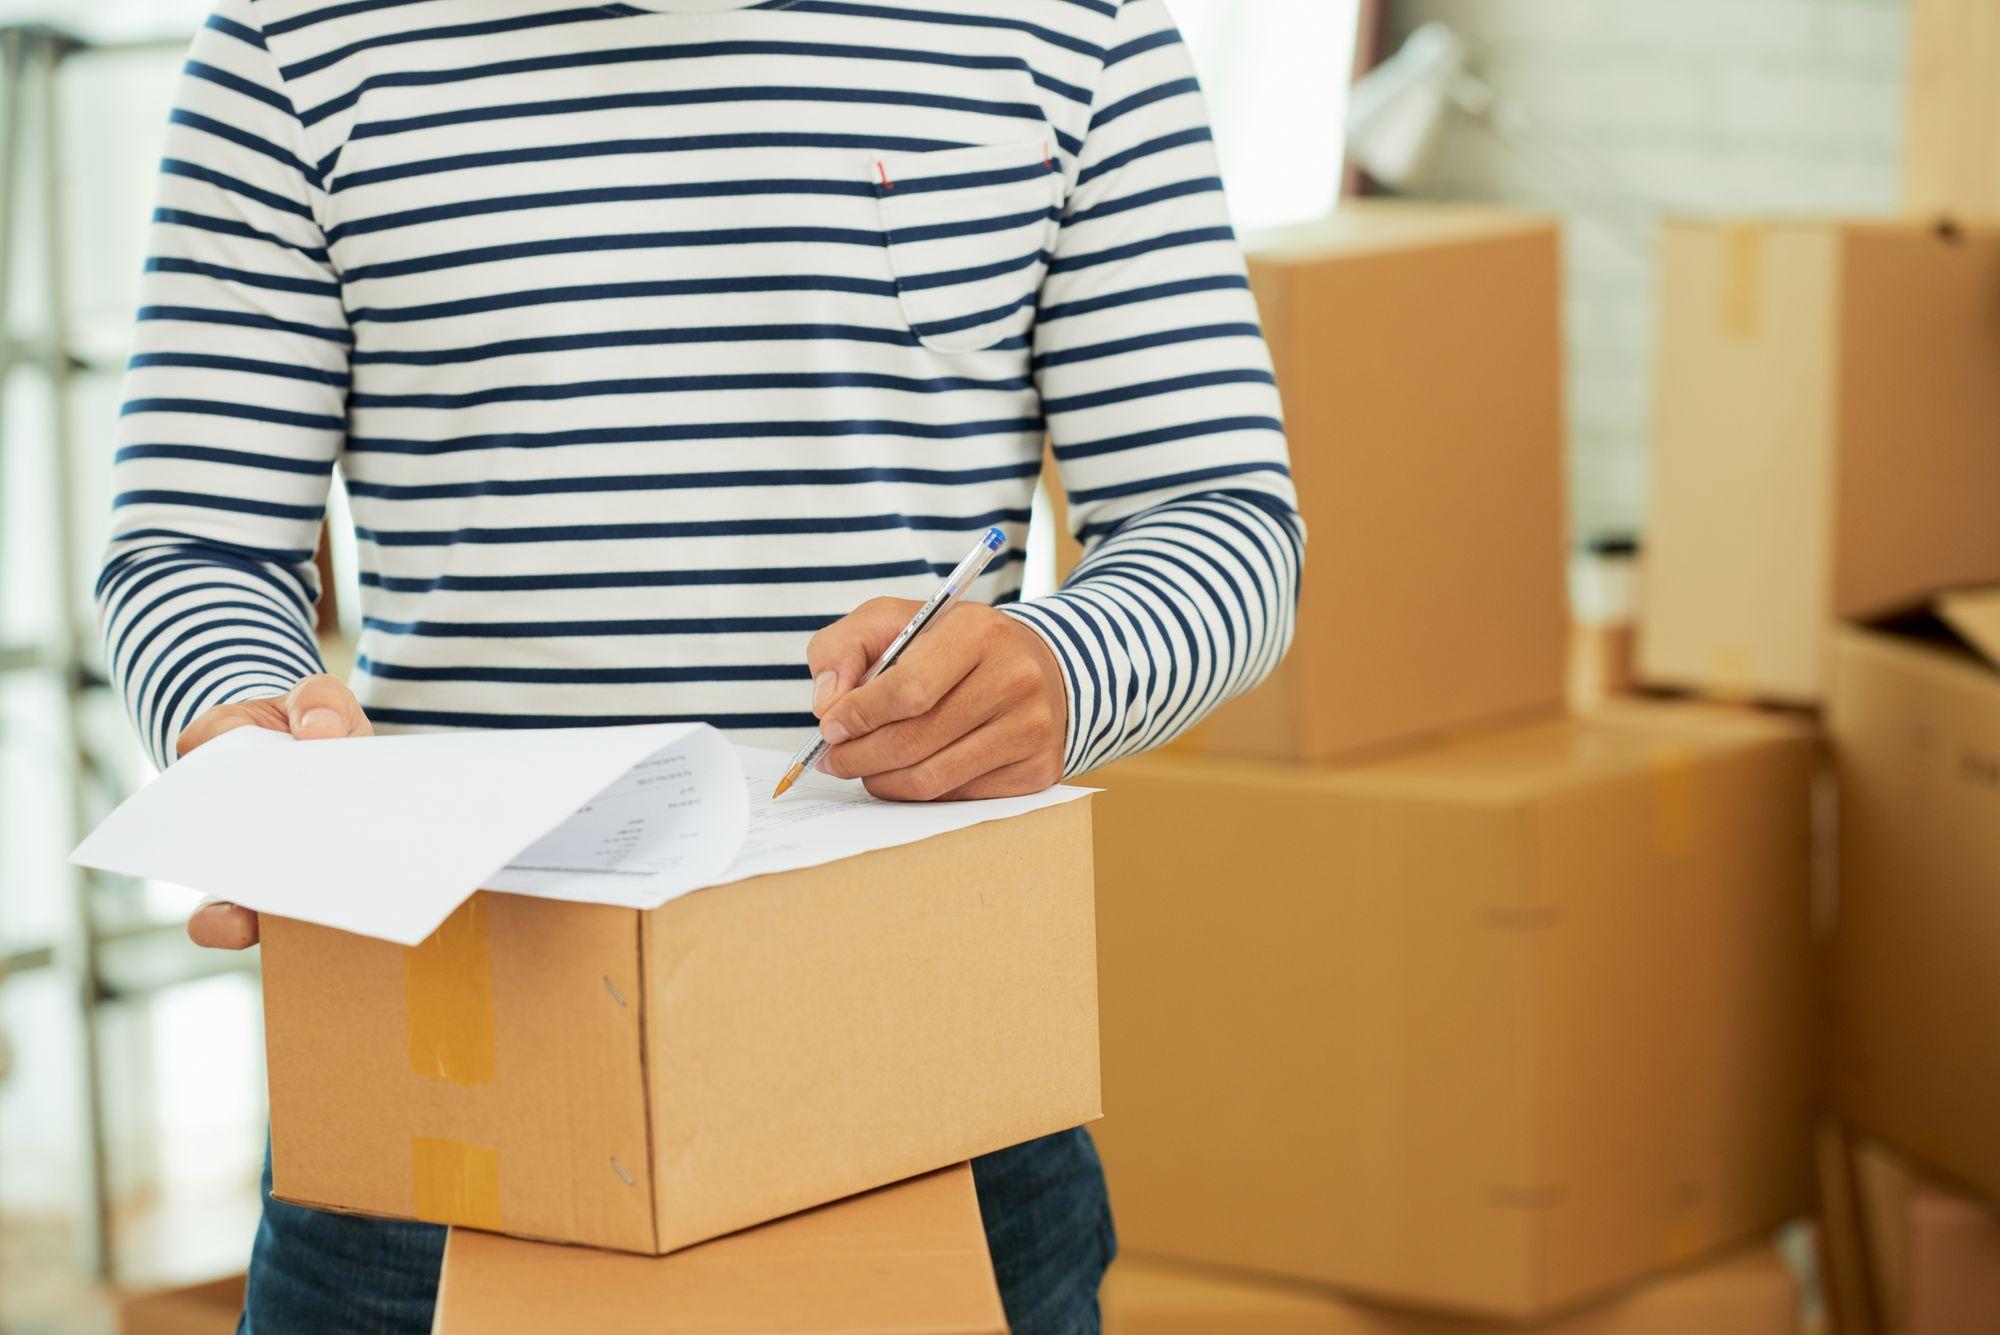 Guía de Despacho ¿obligatoria? Te explicamos la Ley de Pago a 30 días